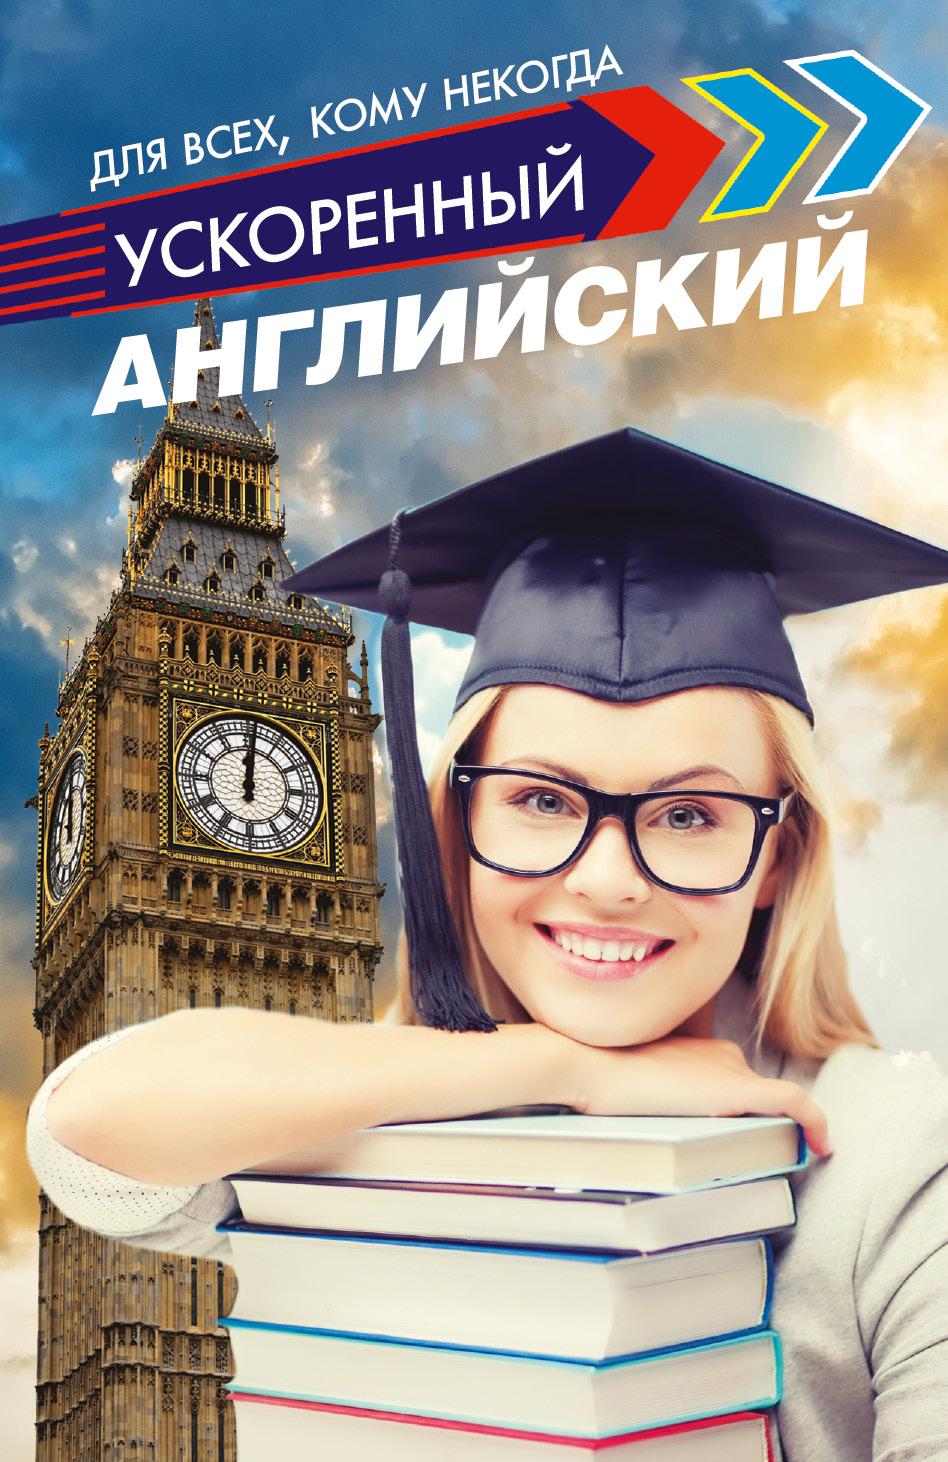 Матвеев Сергей Александрович Ускоренный английский для всех, кому некогда хейнонен елизавета 167 загадок для тех кто хочет знать английский лучше